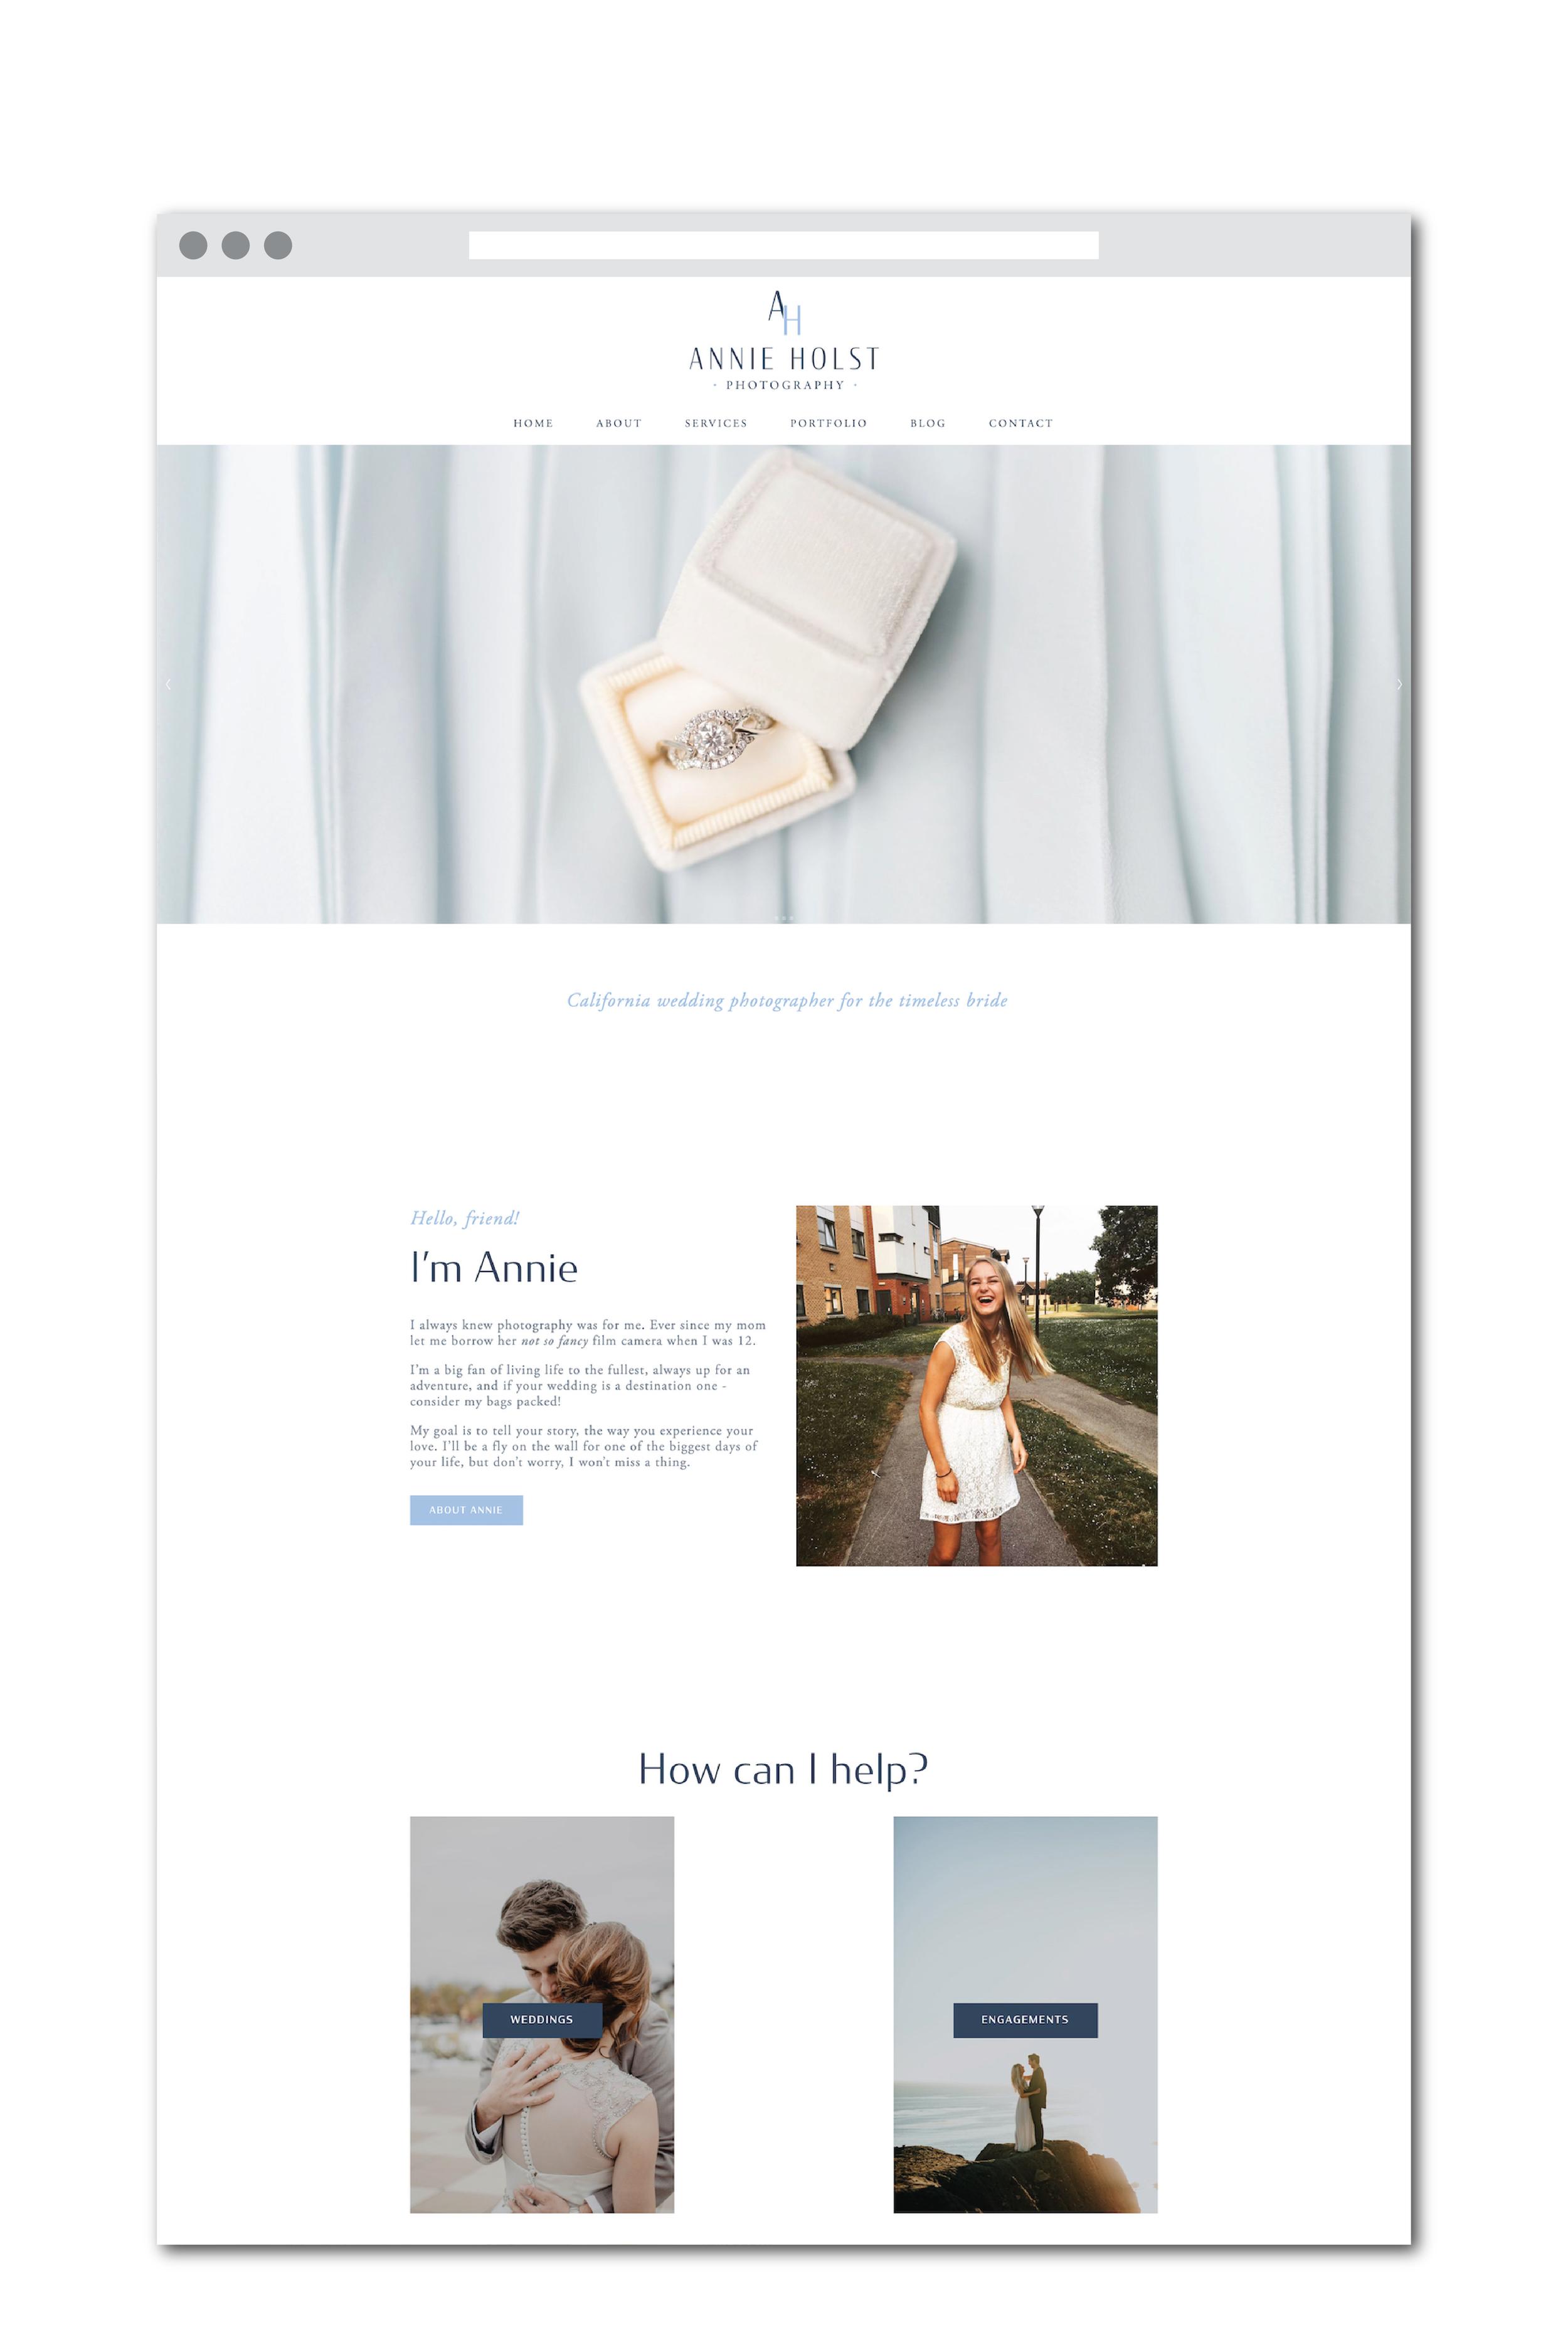 Annie Holst website design for wedding photographer